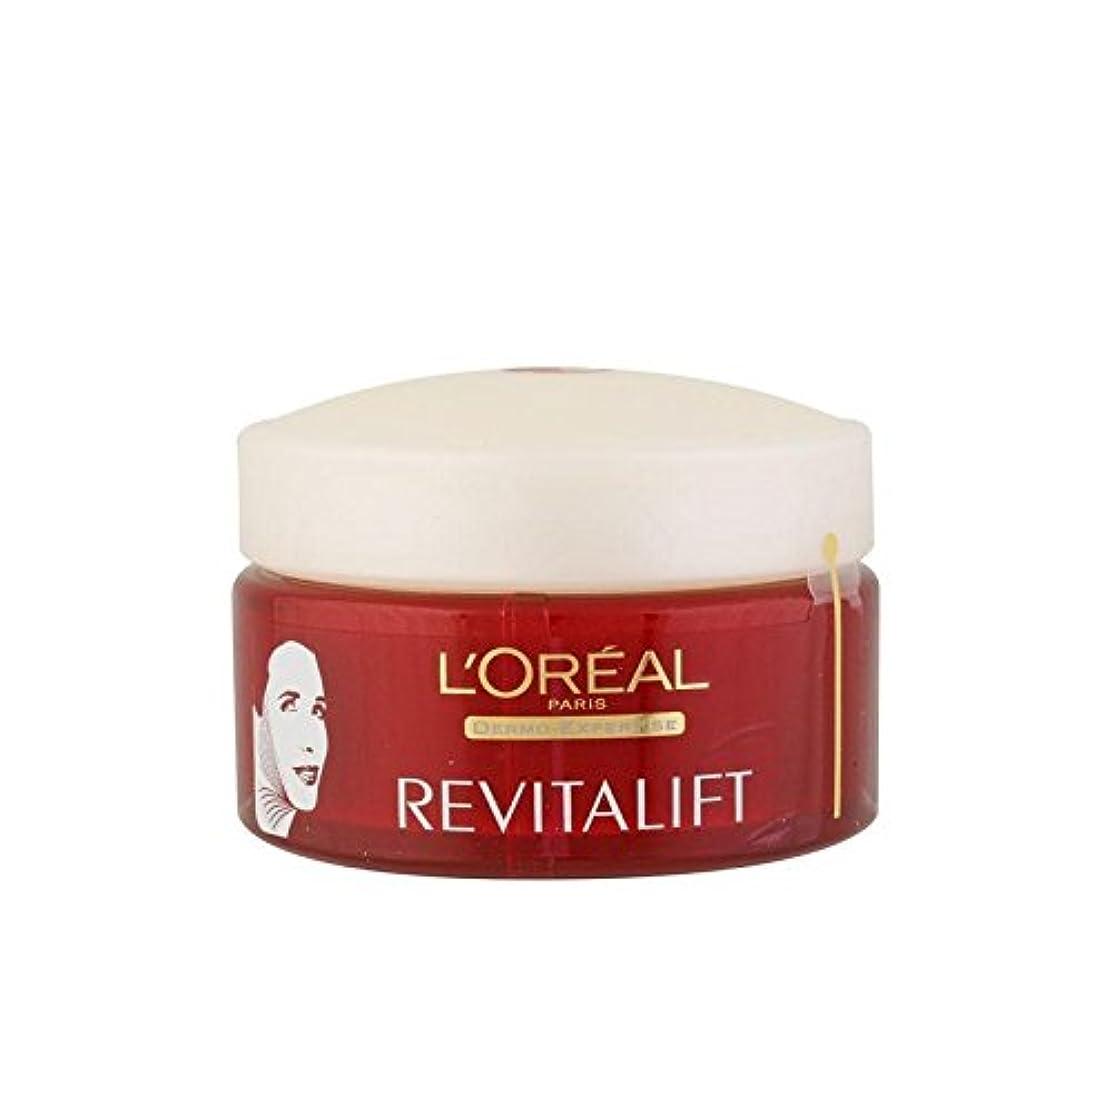 独創的入口輪郭L'Oreal Paris Dermo Expertise Revitalift Face Contours And Neck Re-Support Cream (50ml) - ロレアルパリ?ダーモ専門知識顔の輪郭や首...